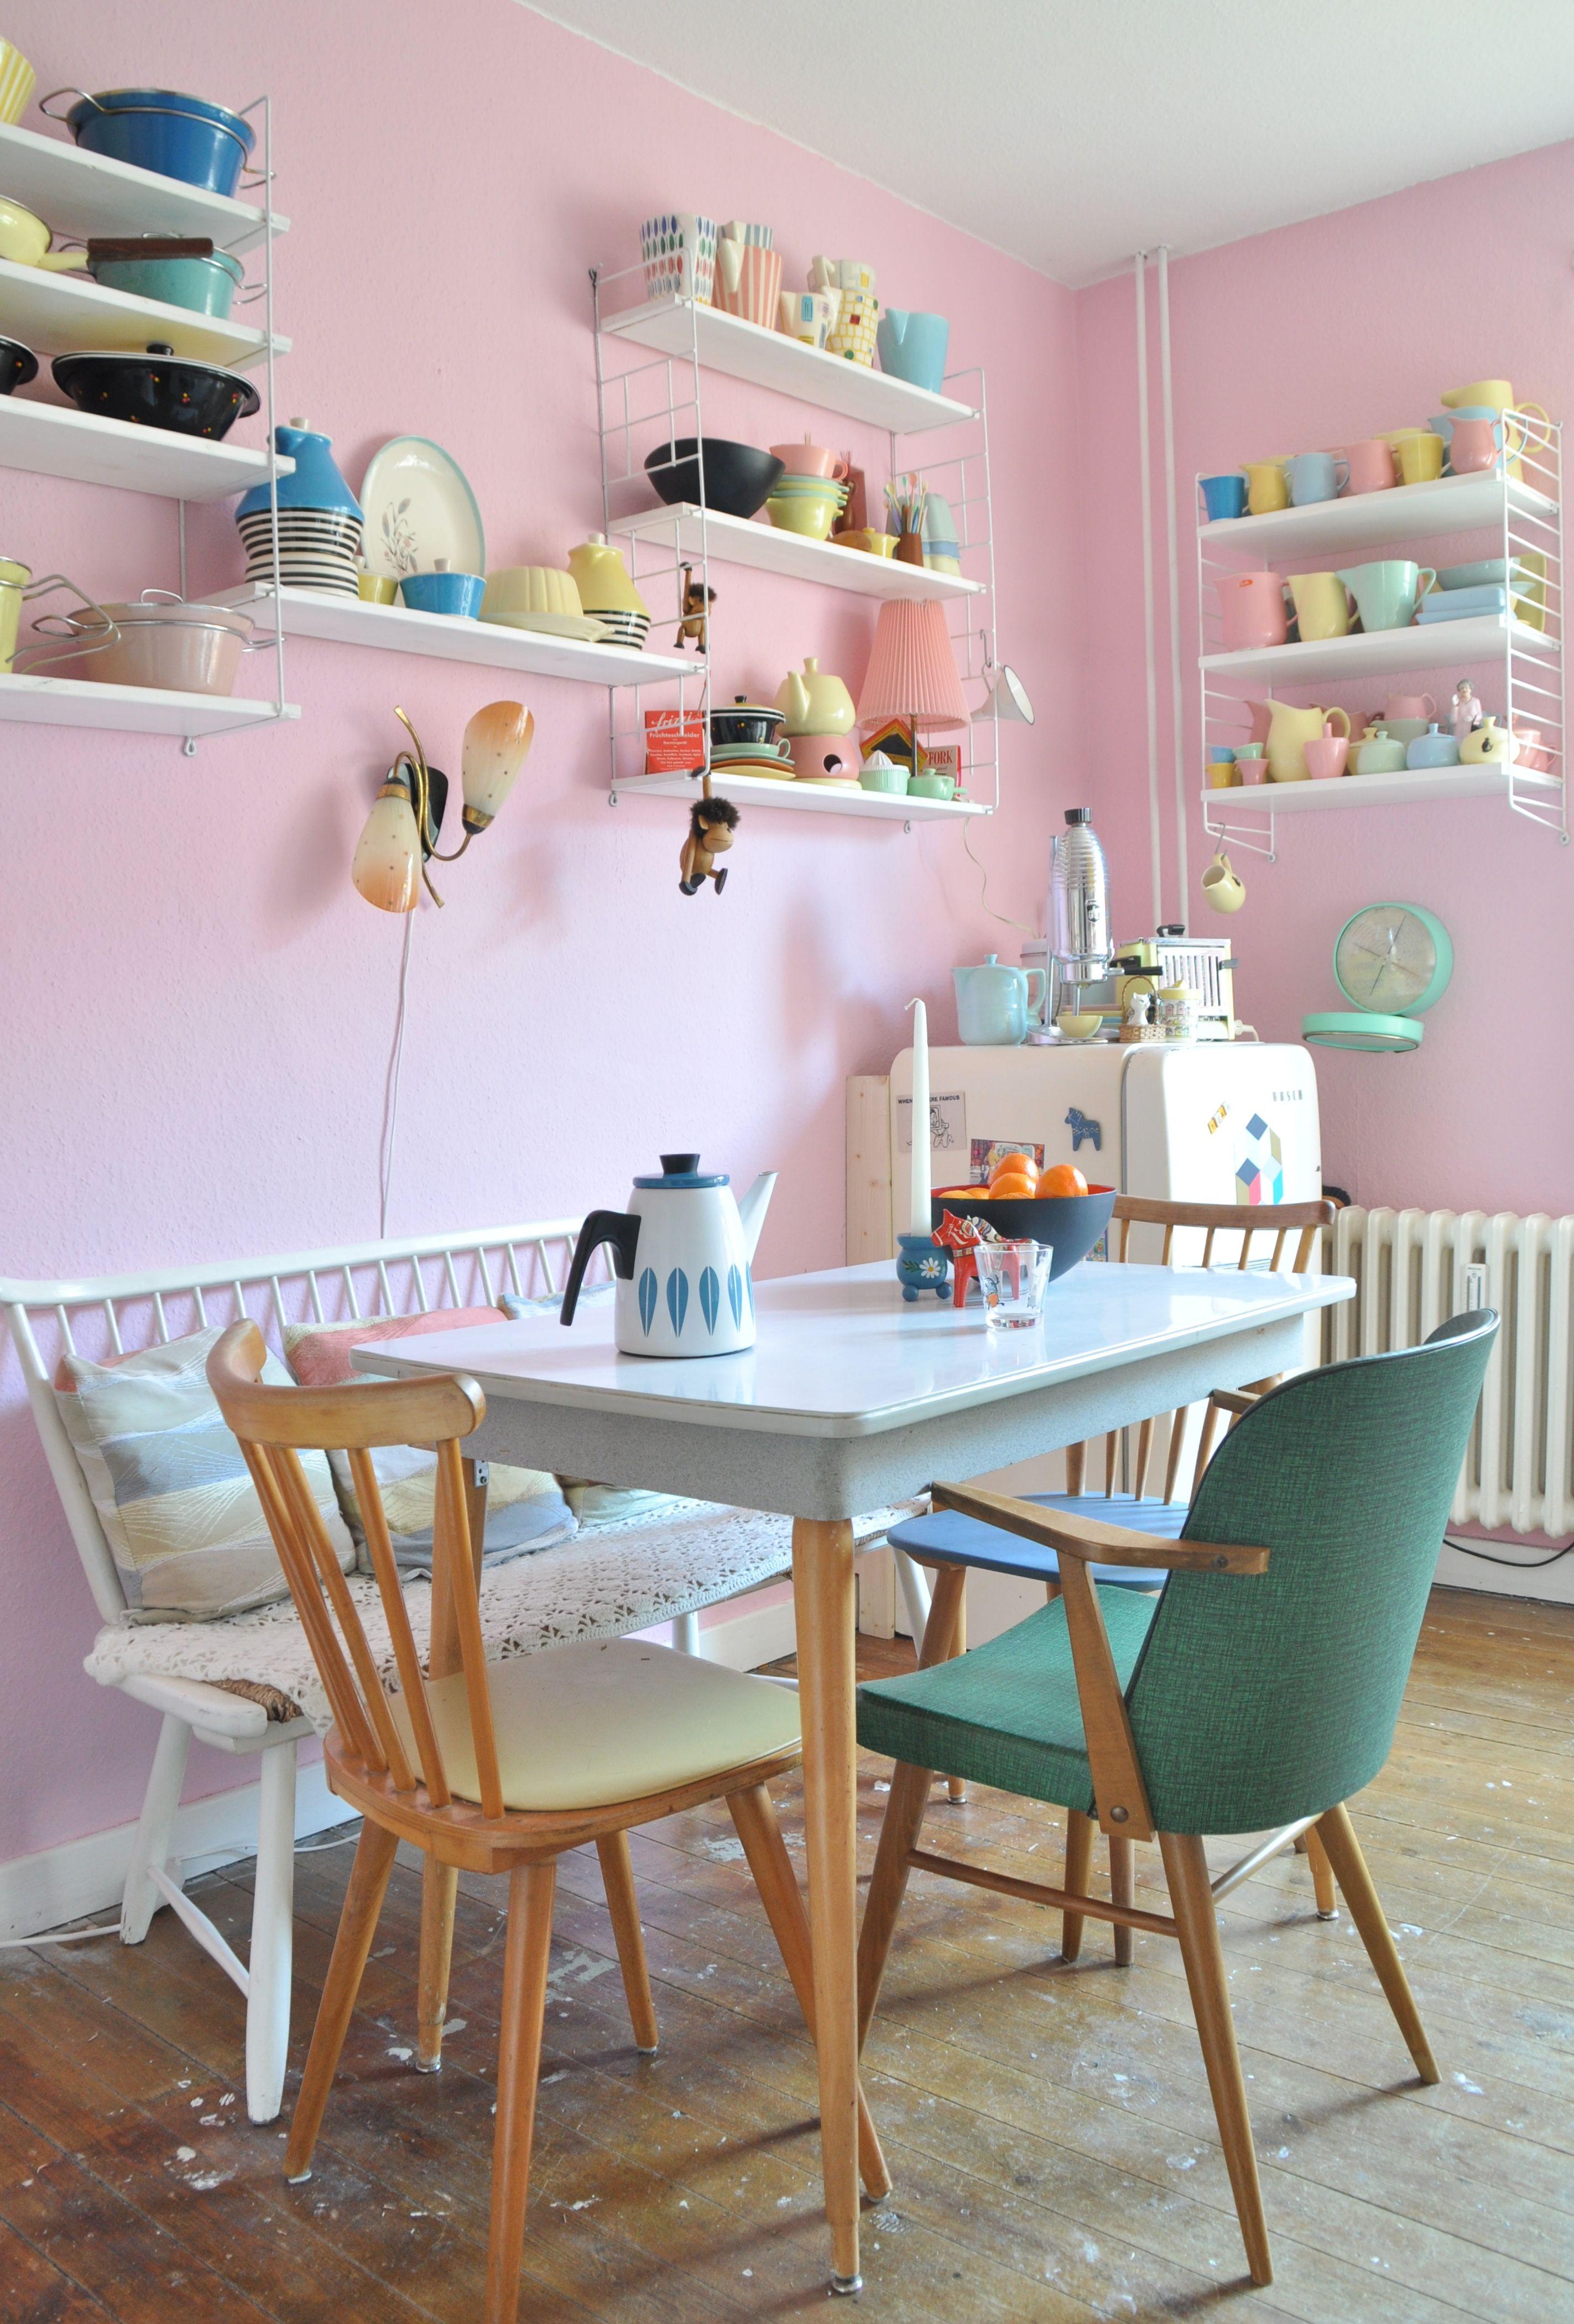 217 vintage dinette sets in reader kitchens | Vintage, Kitchens and ...